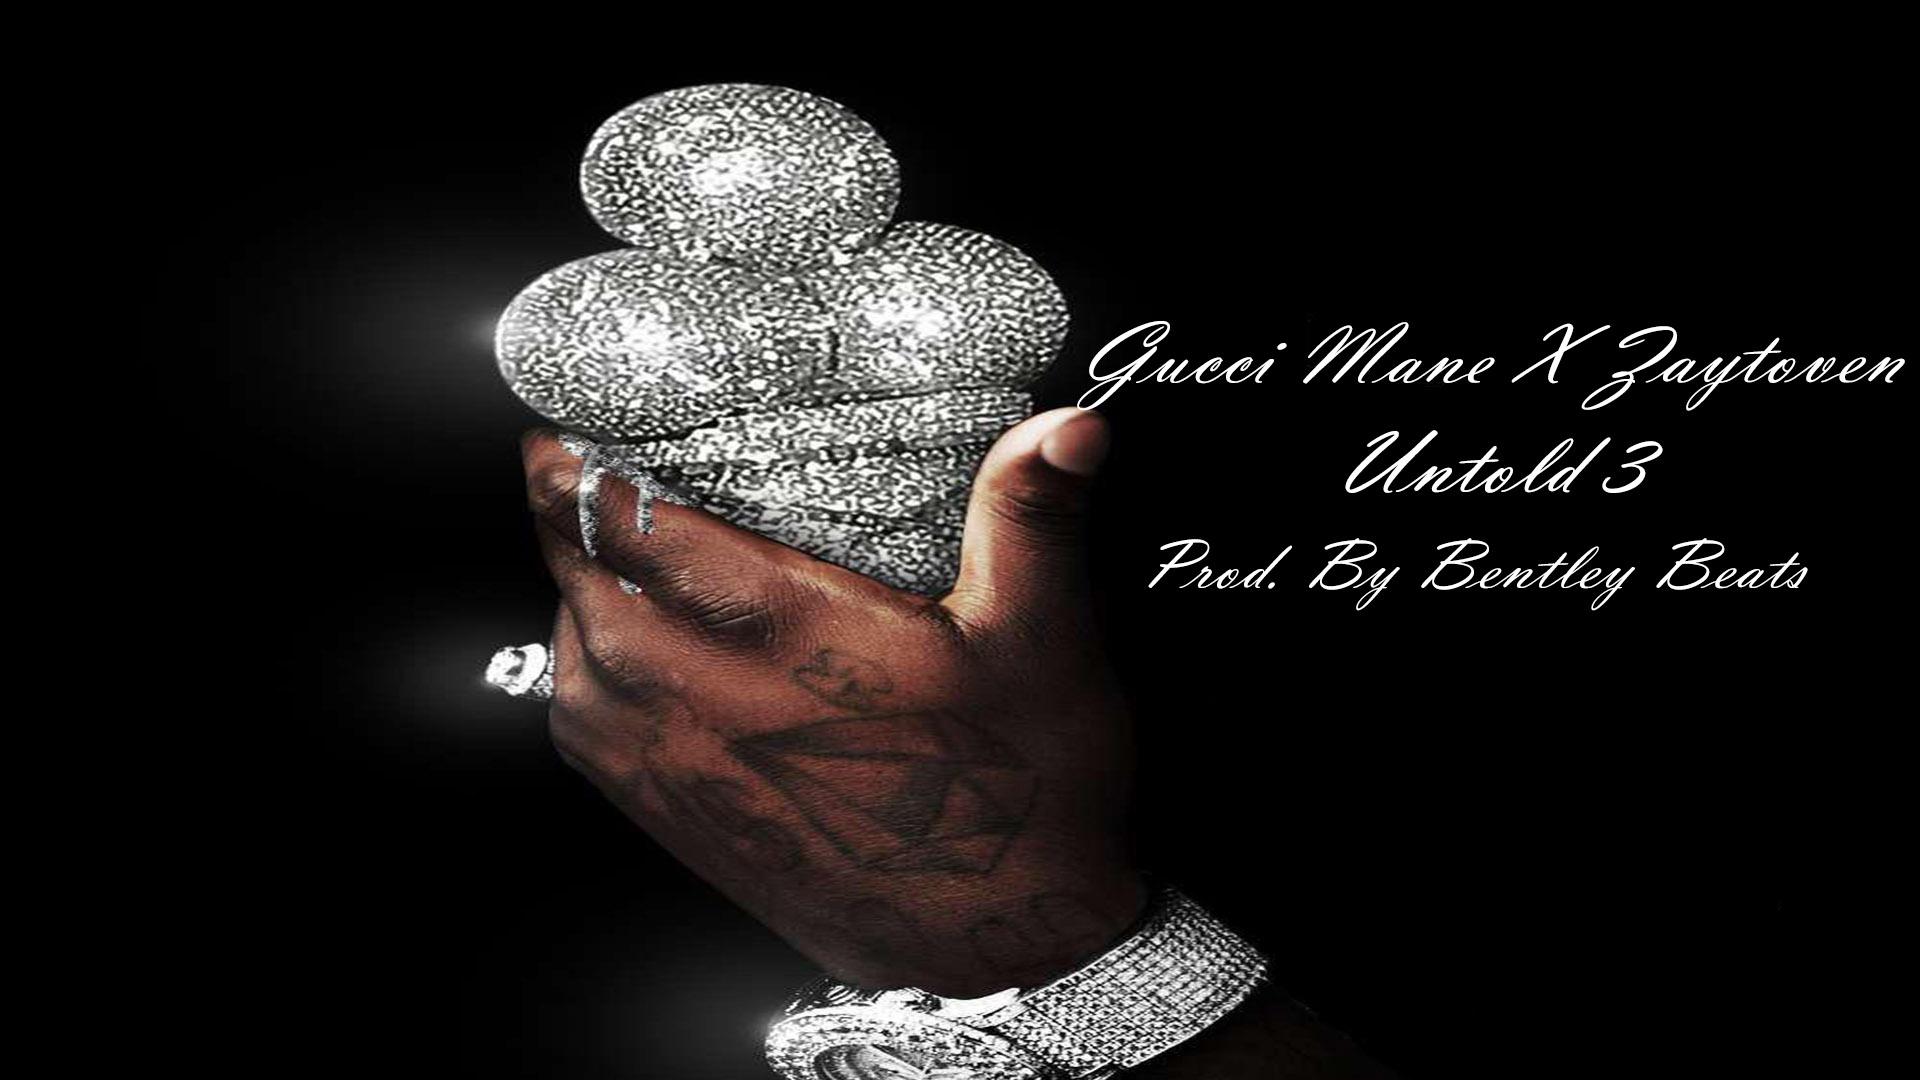 Gucci Mane X Zaytoven X Migos Type Beat Untold Stories 3